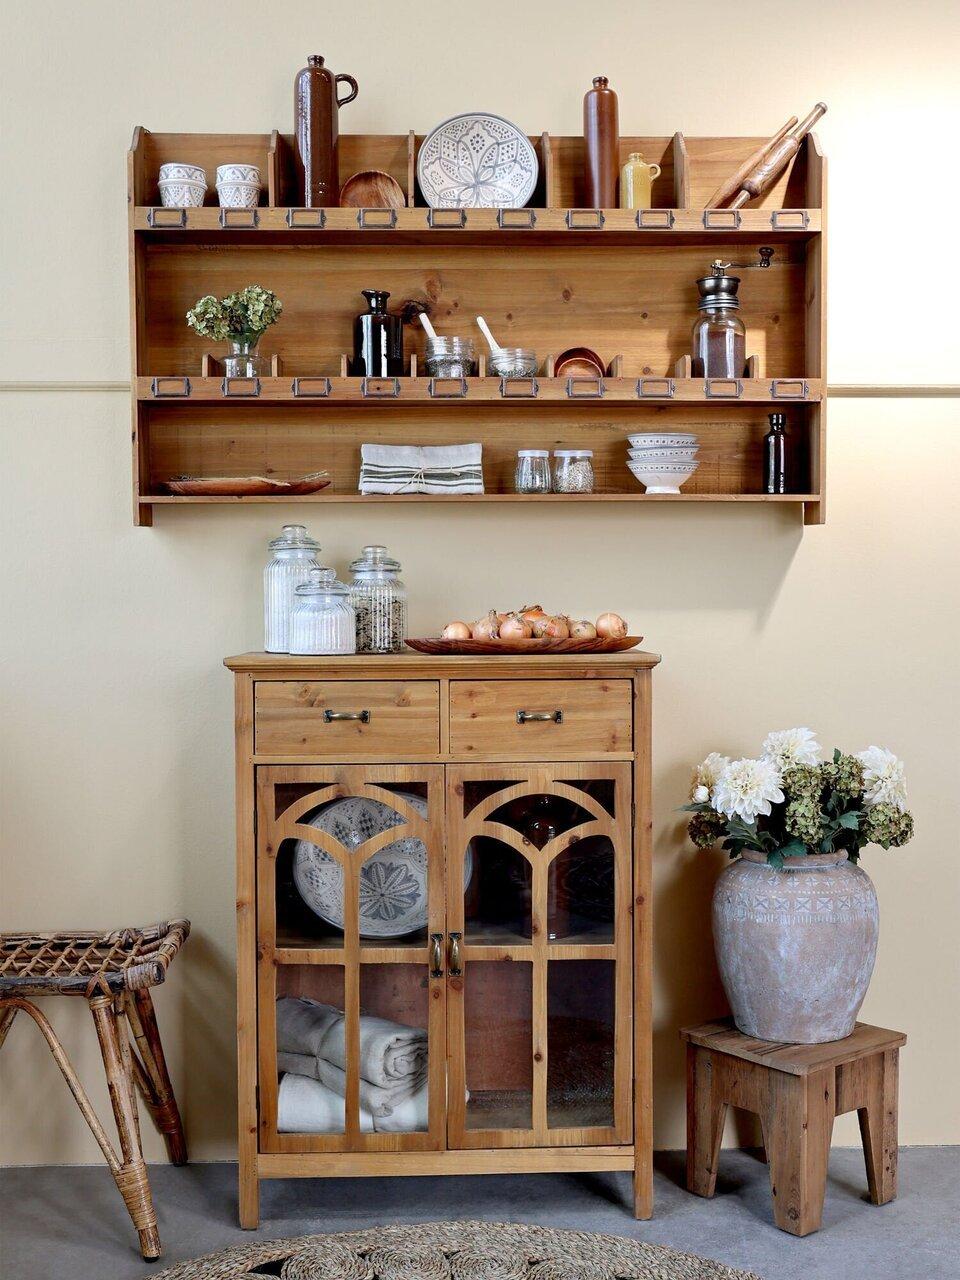 Gemütliche und rustikale Kücheneinrichtung mit Chic Antique